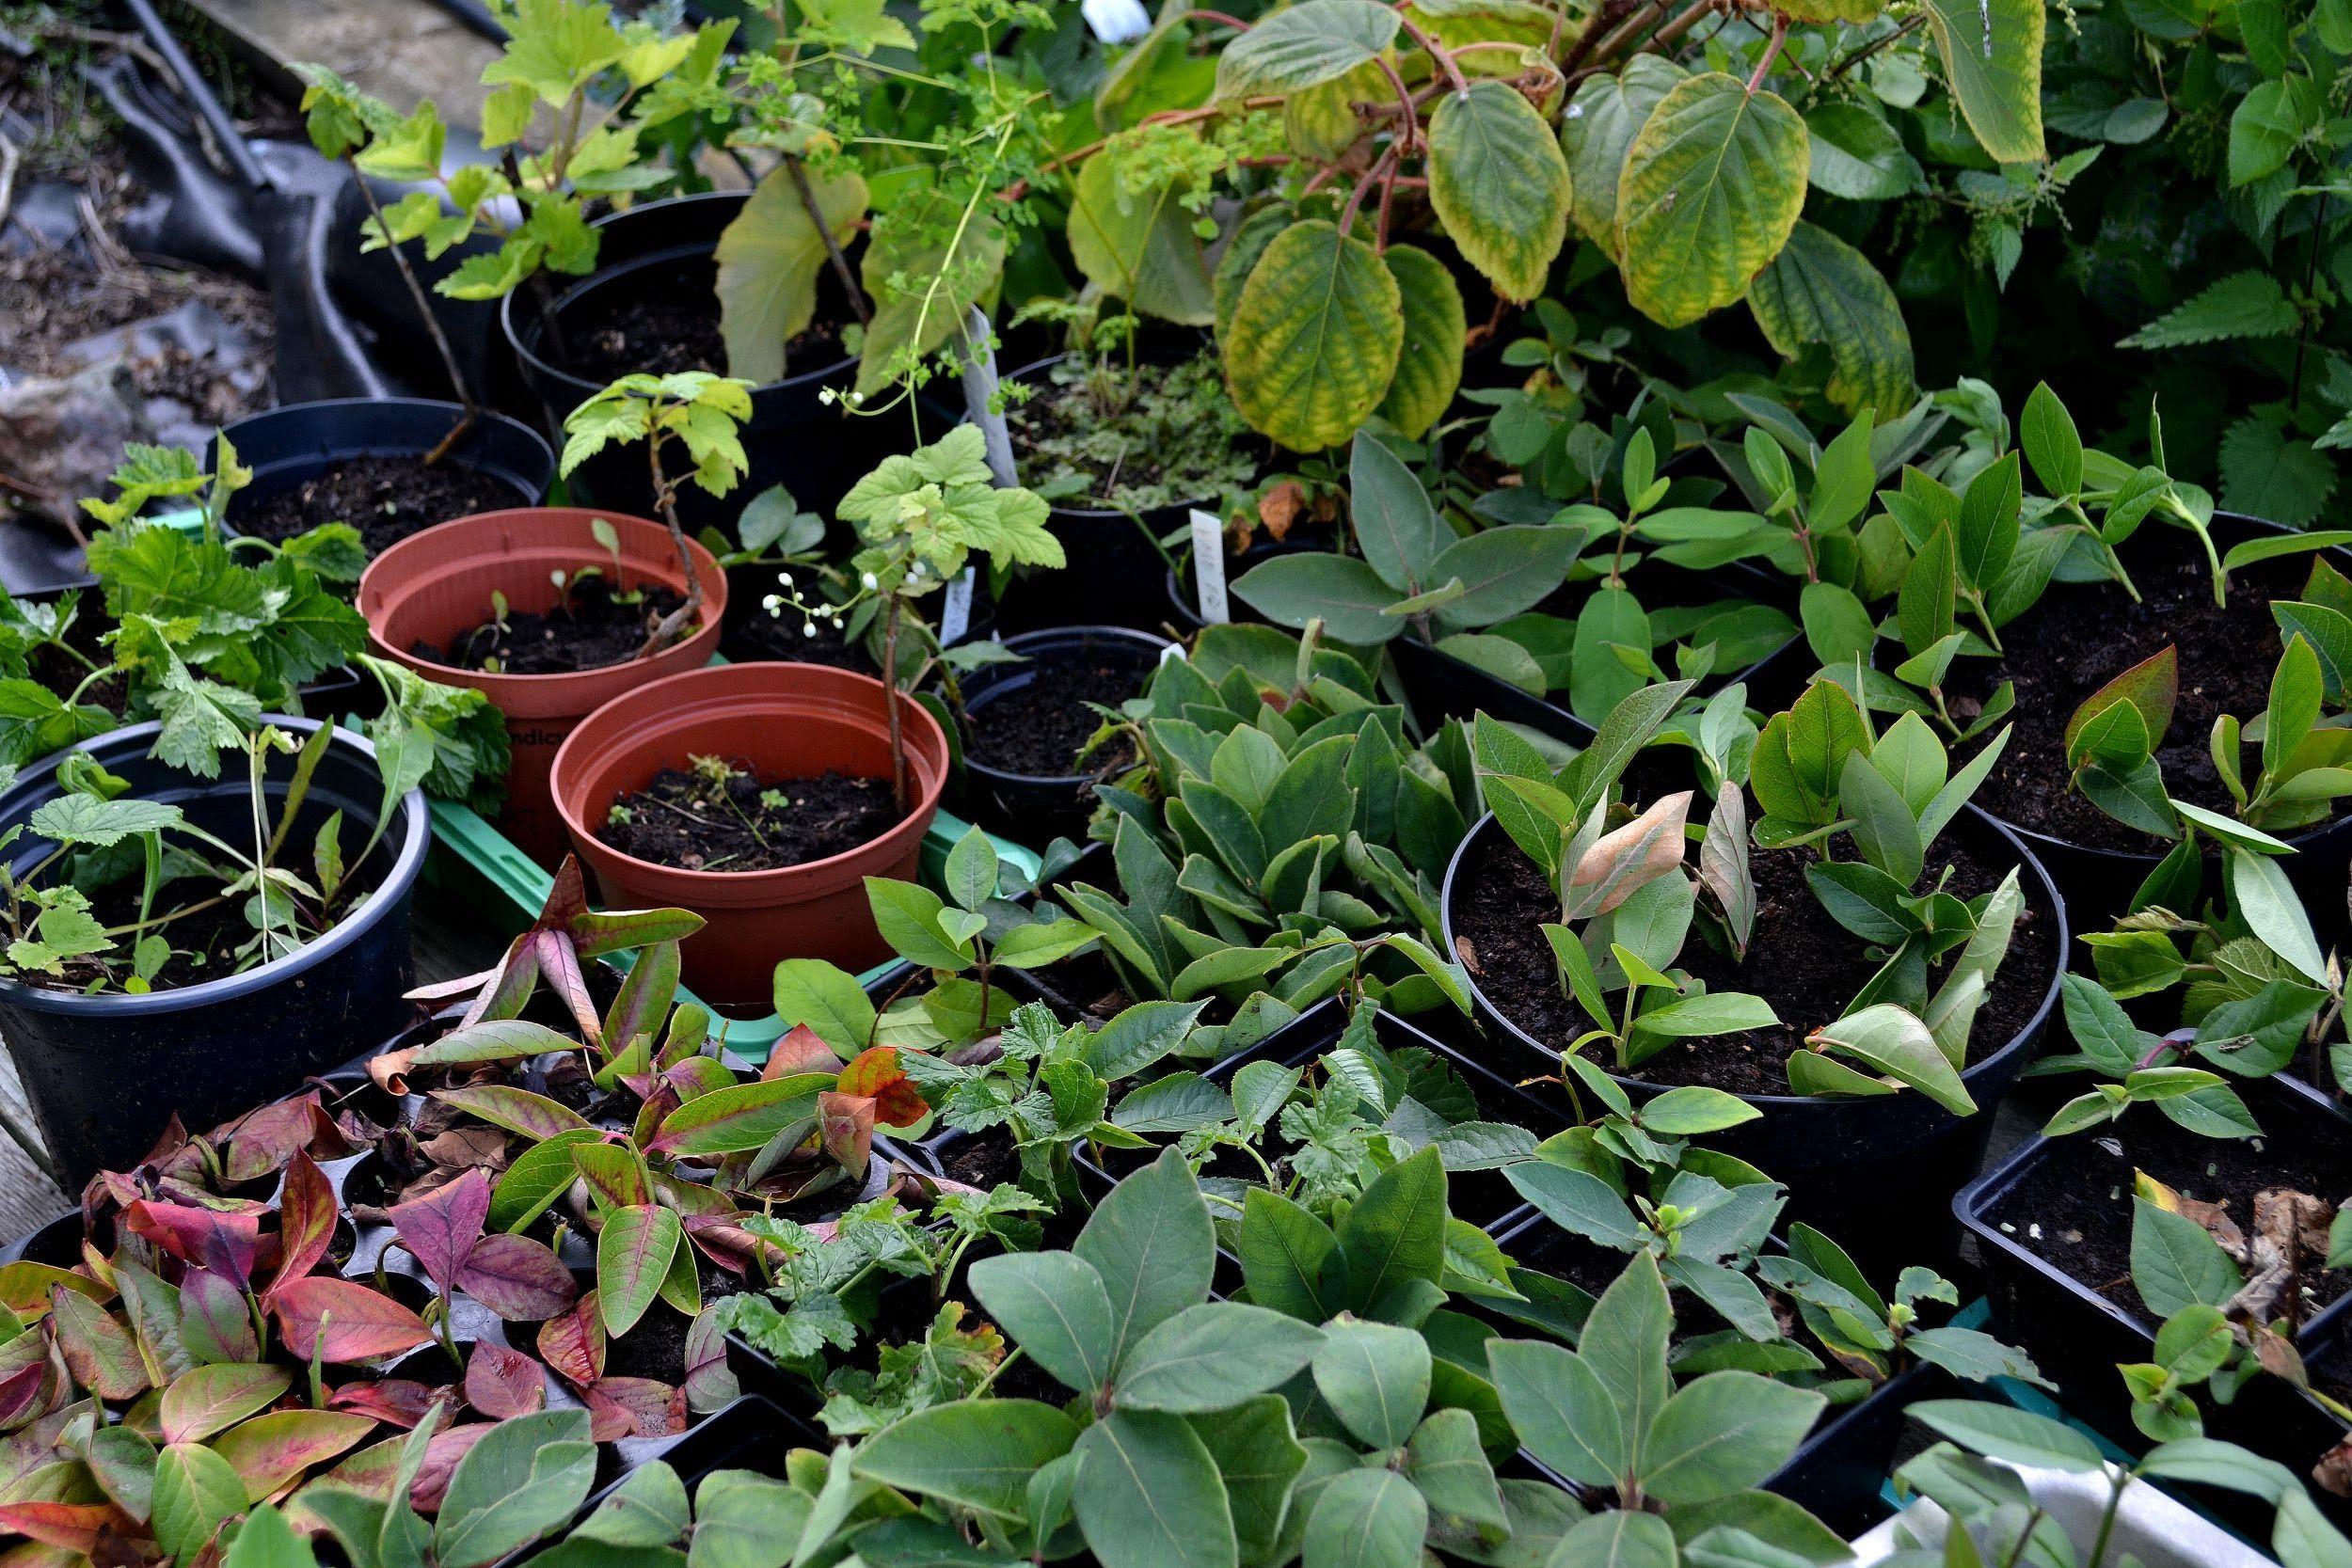 Gör många nya bärbuskar till dig själv eller ge bort plantor till någon du gillar. Så här förökar jag bärbuskar genom sticklingar. Bär och frukter jag odlar ...